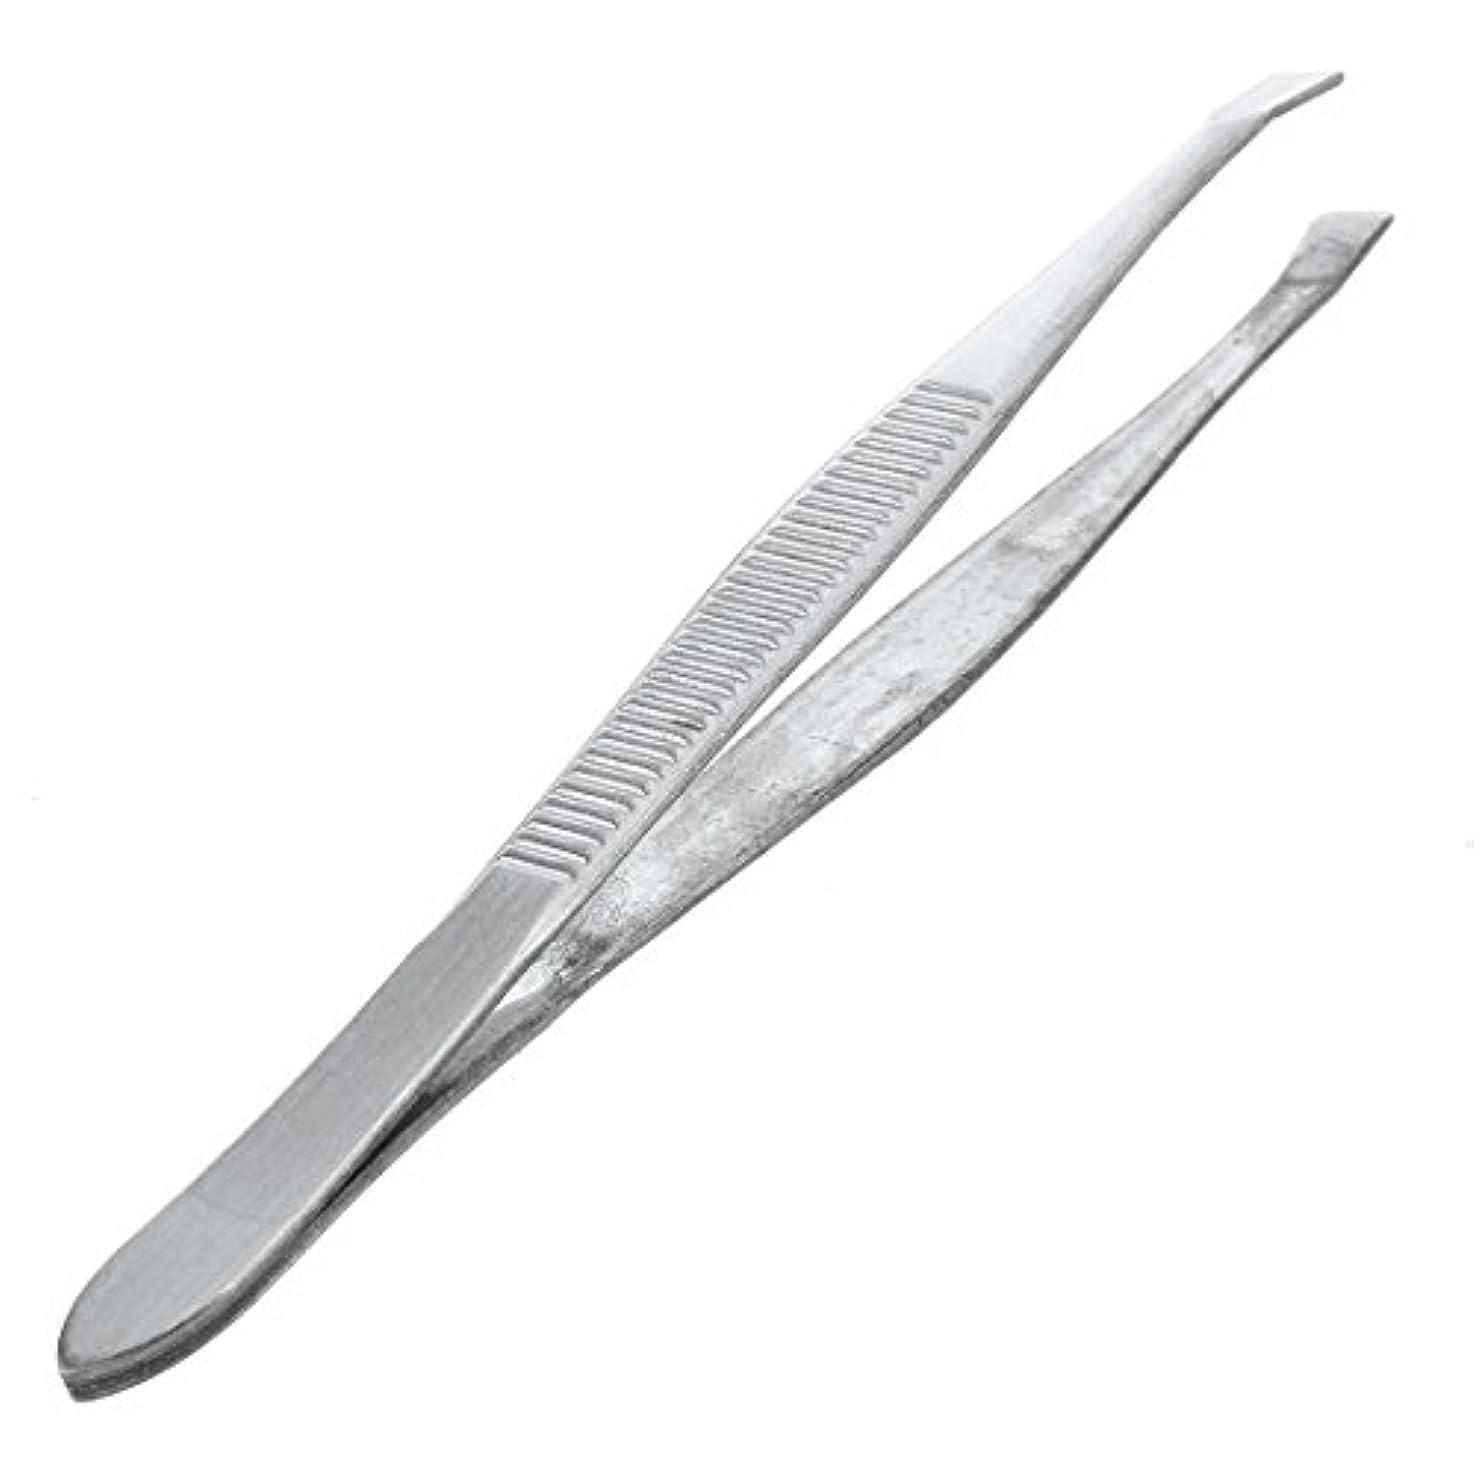 うぬぼれ掃除成長するGaoominy 眉毛ピンセット 脱毛チップ 炭素鋼 傾斜 9cm シルバーカラー